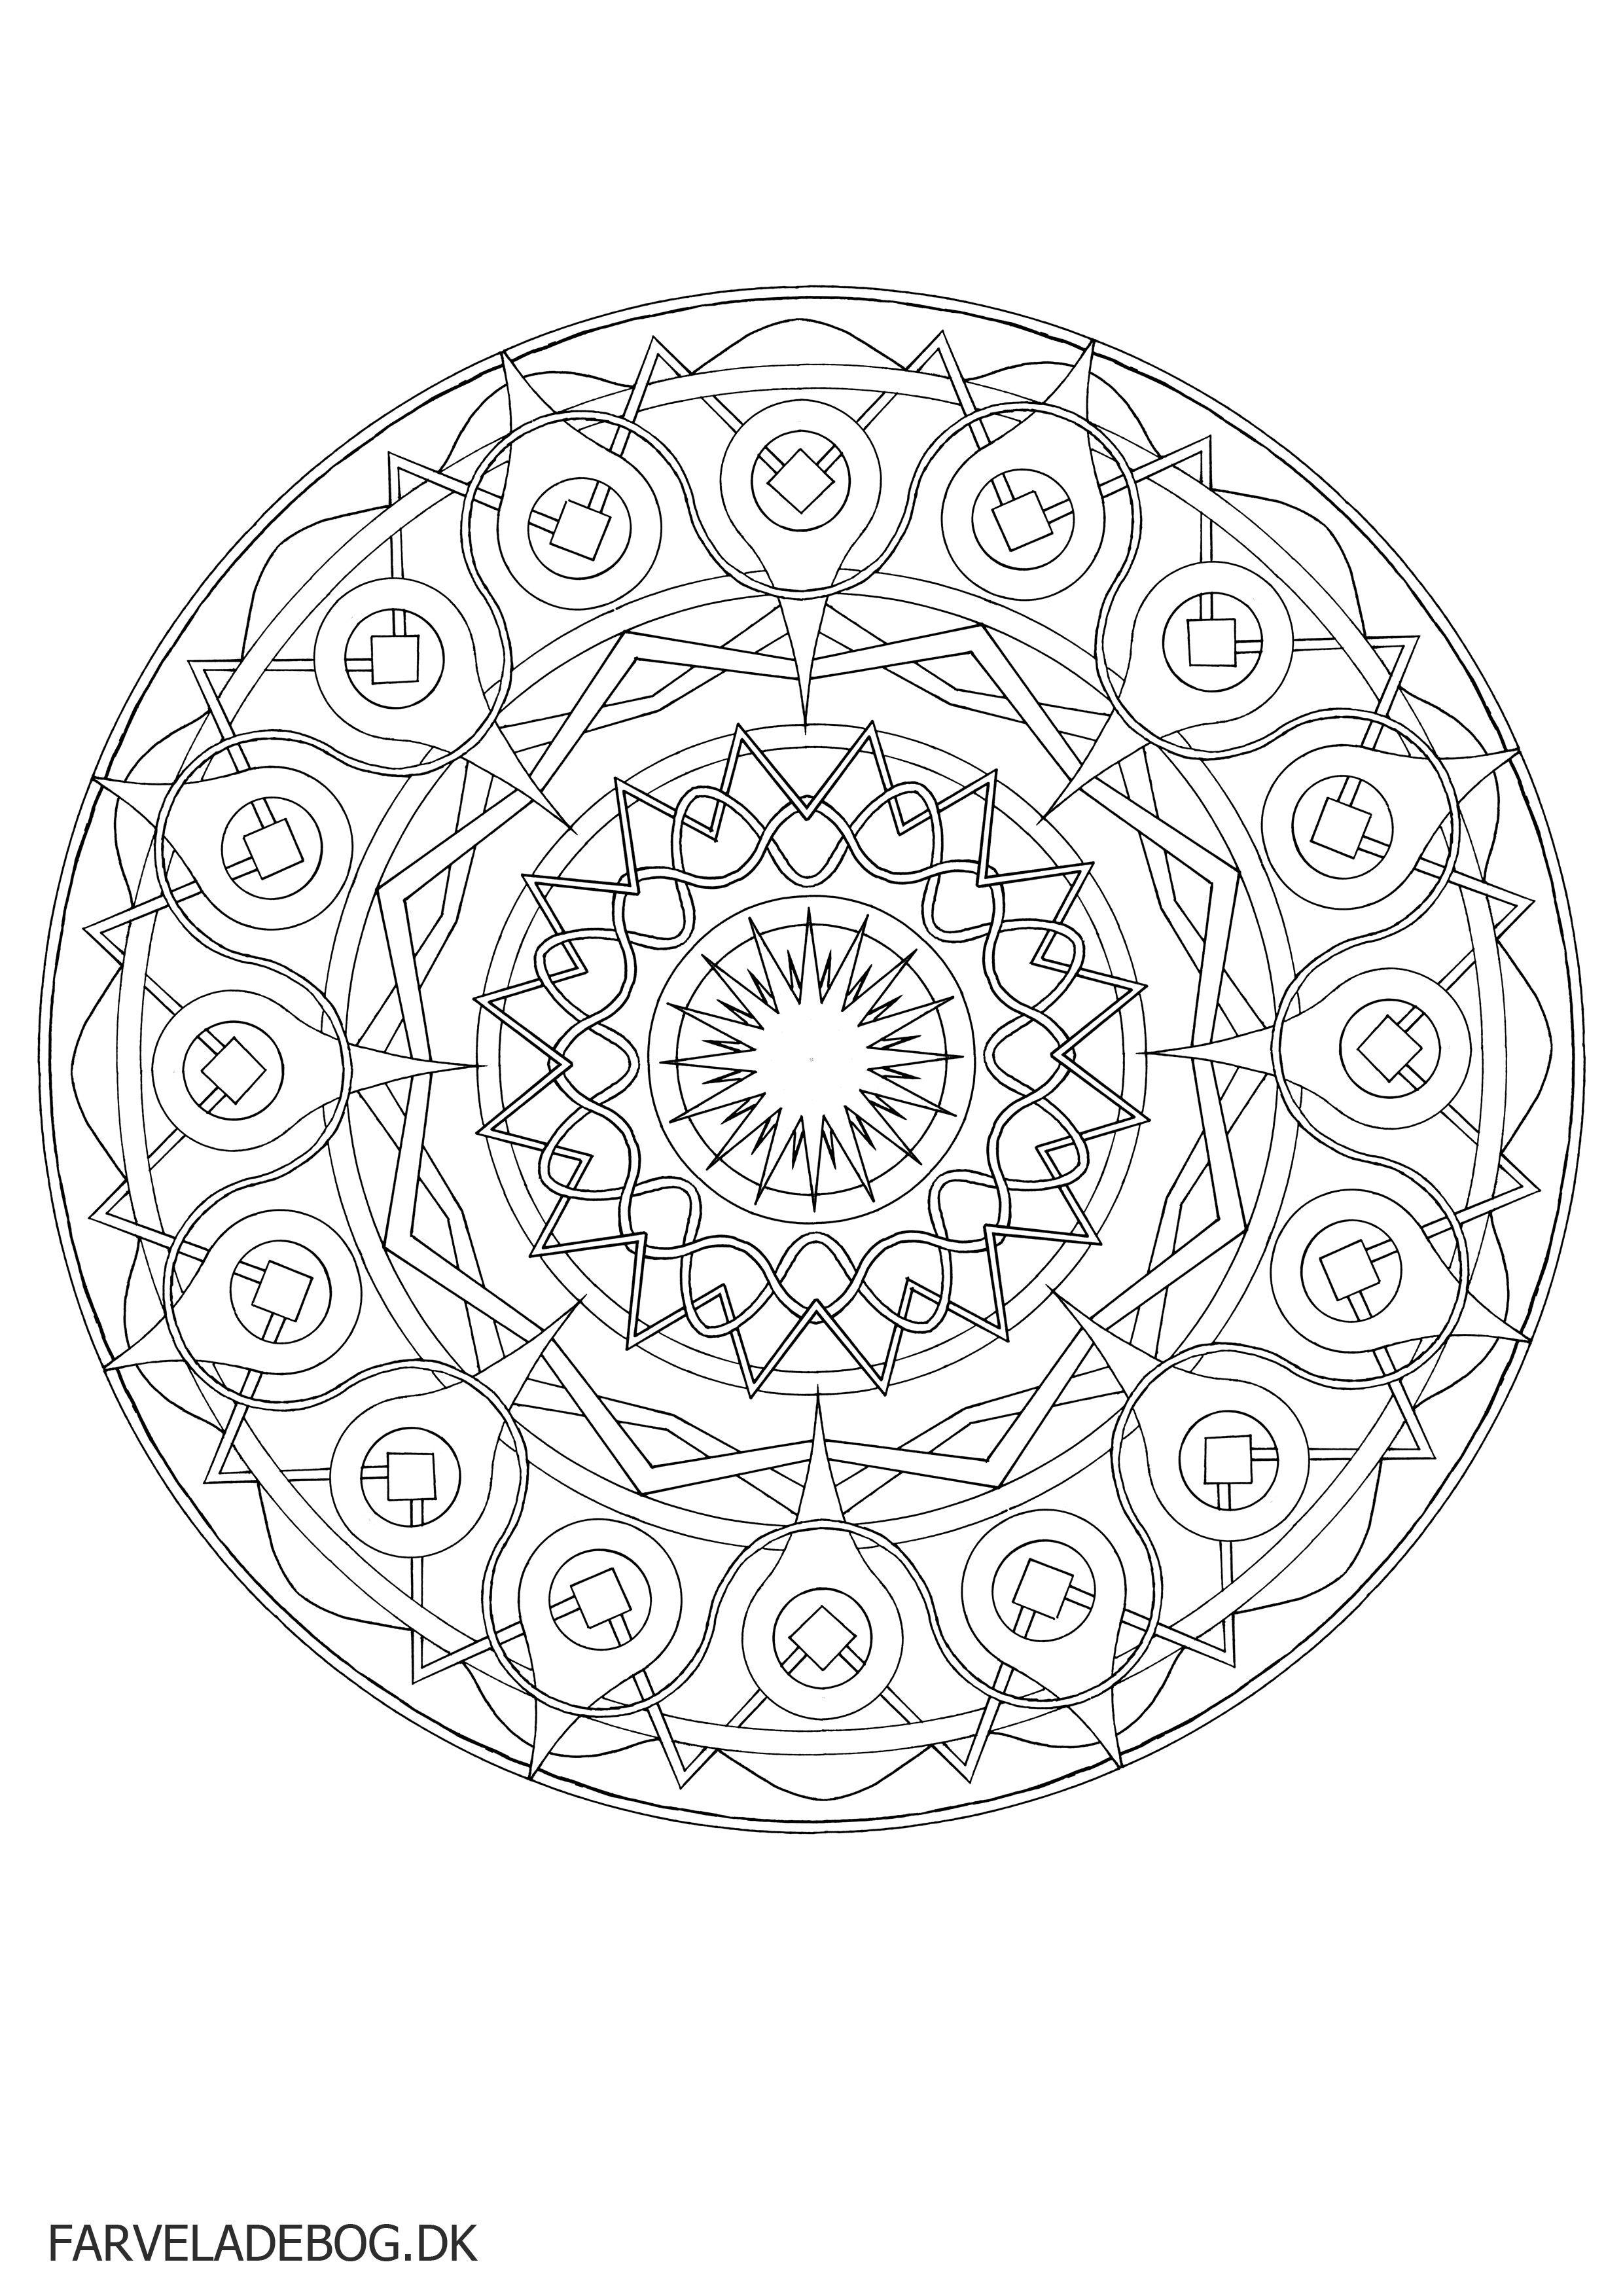 Mandala Tegninger Til Print Google Sogning Mandala Coloring Pages Coloring Pages Coloring Pictures